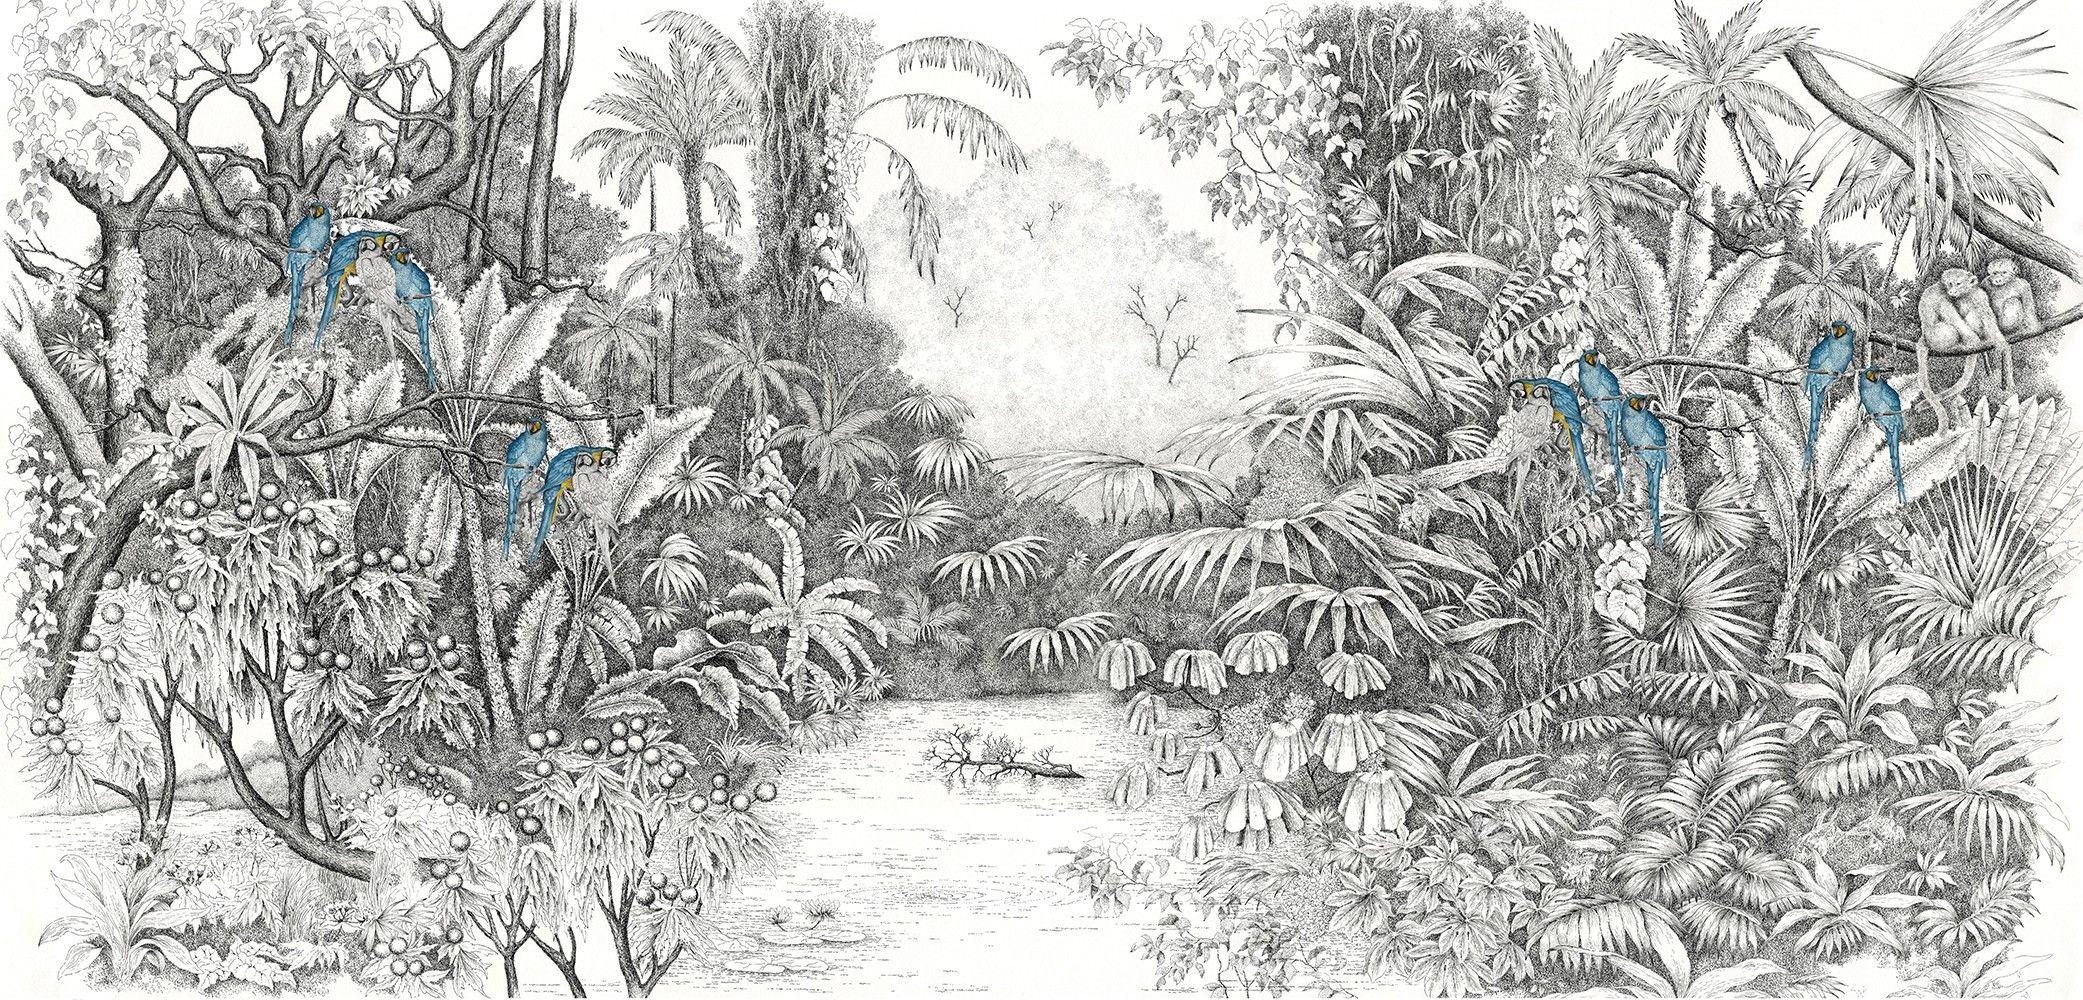 Papier Peint Avec Perroquet l'île aux perroquets bleus | papier peint panoramique